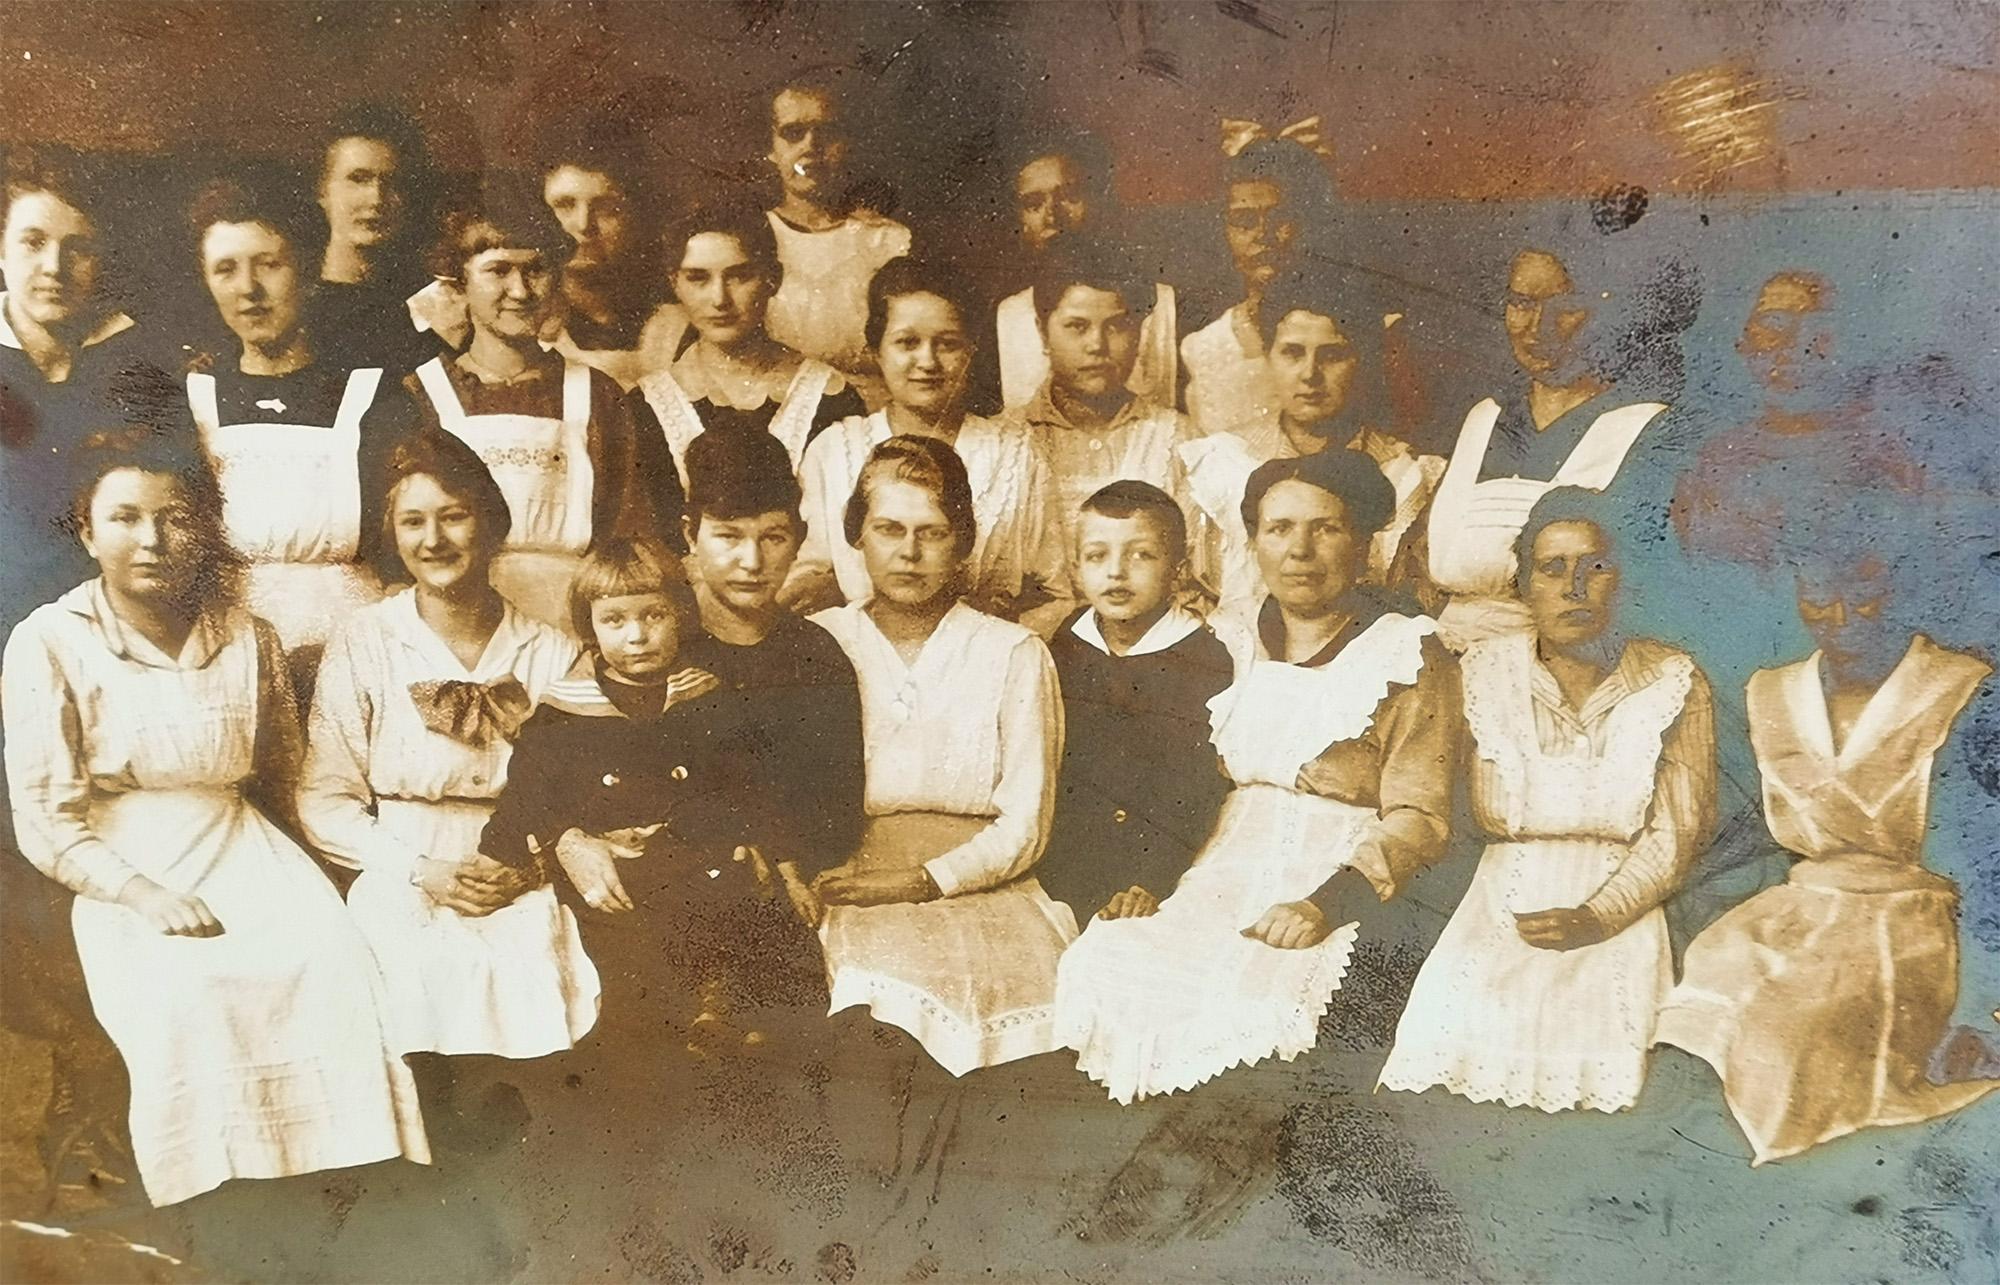 Historie - Berta Kraft mit Team um 1910